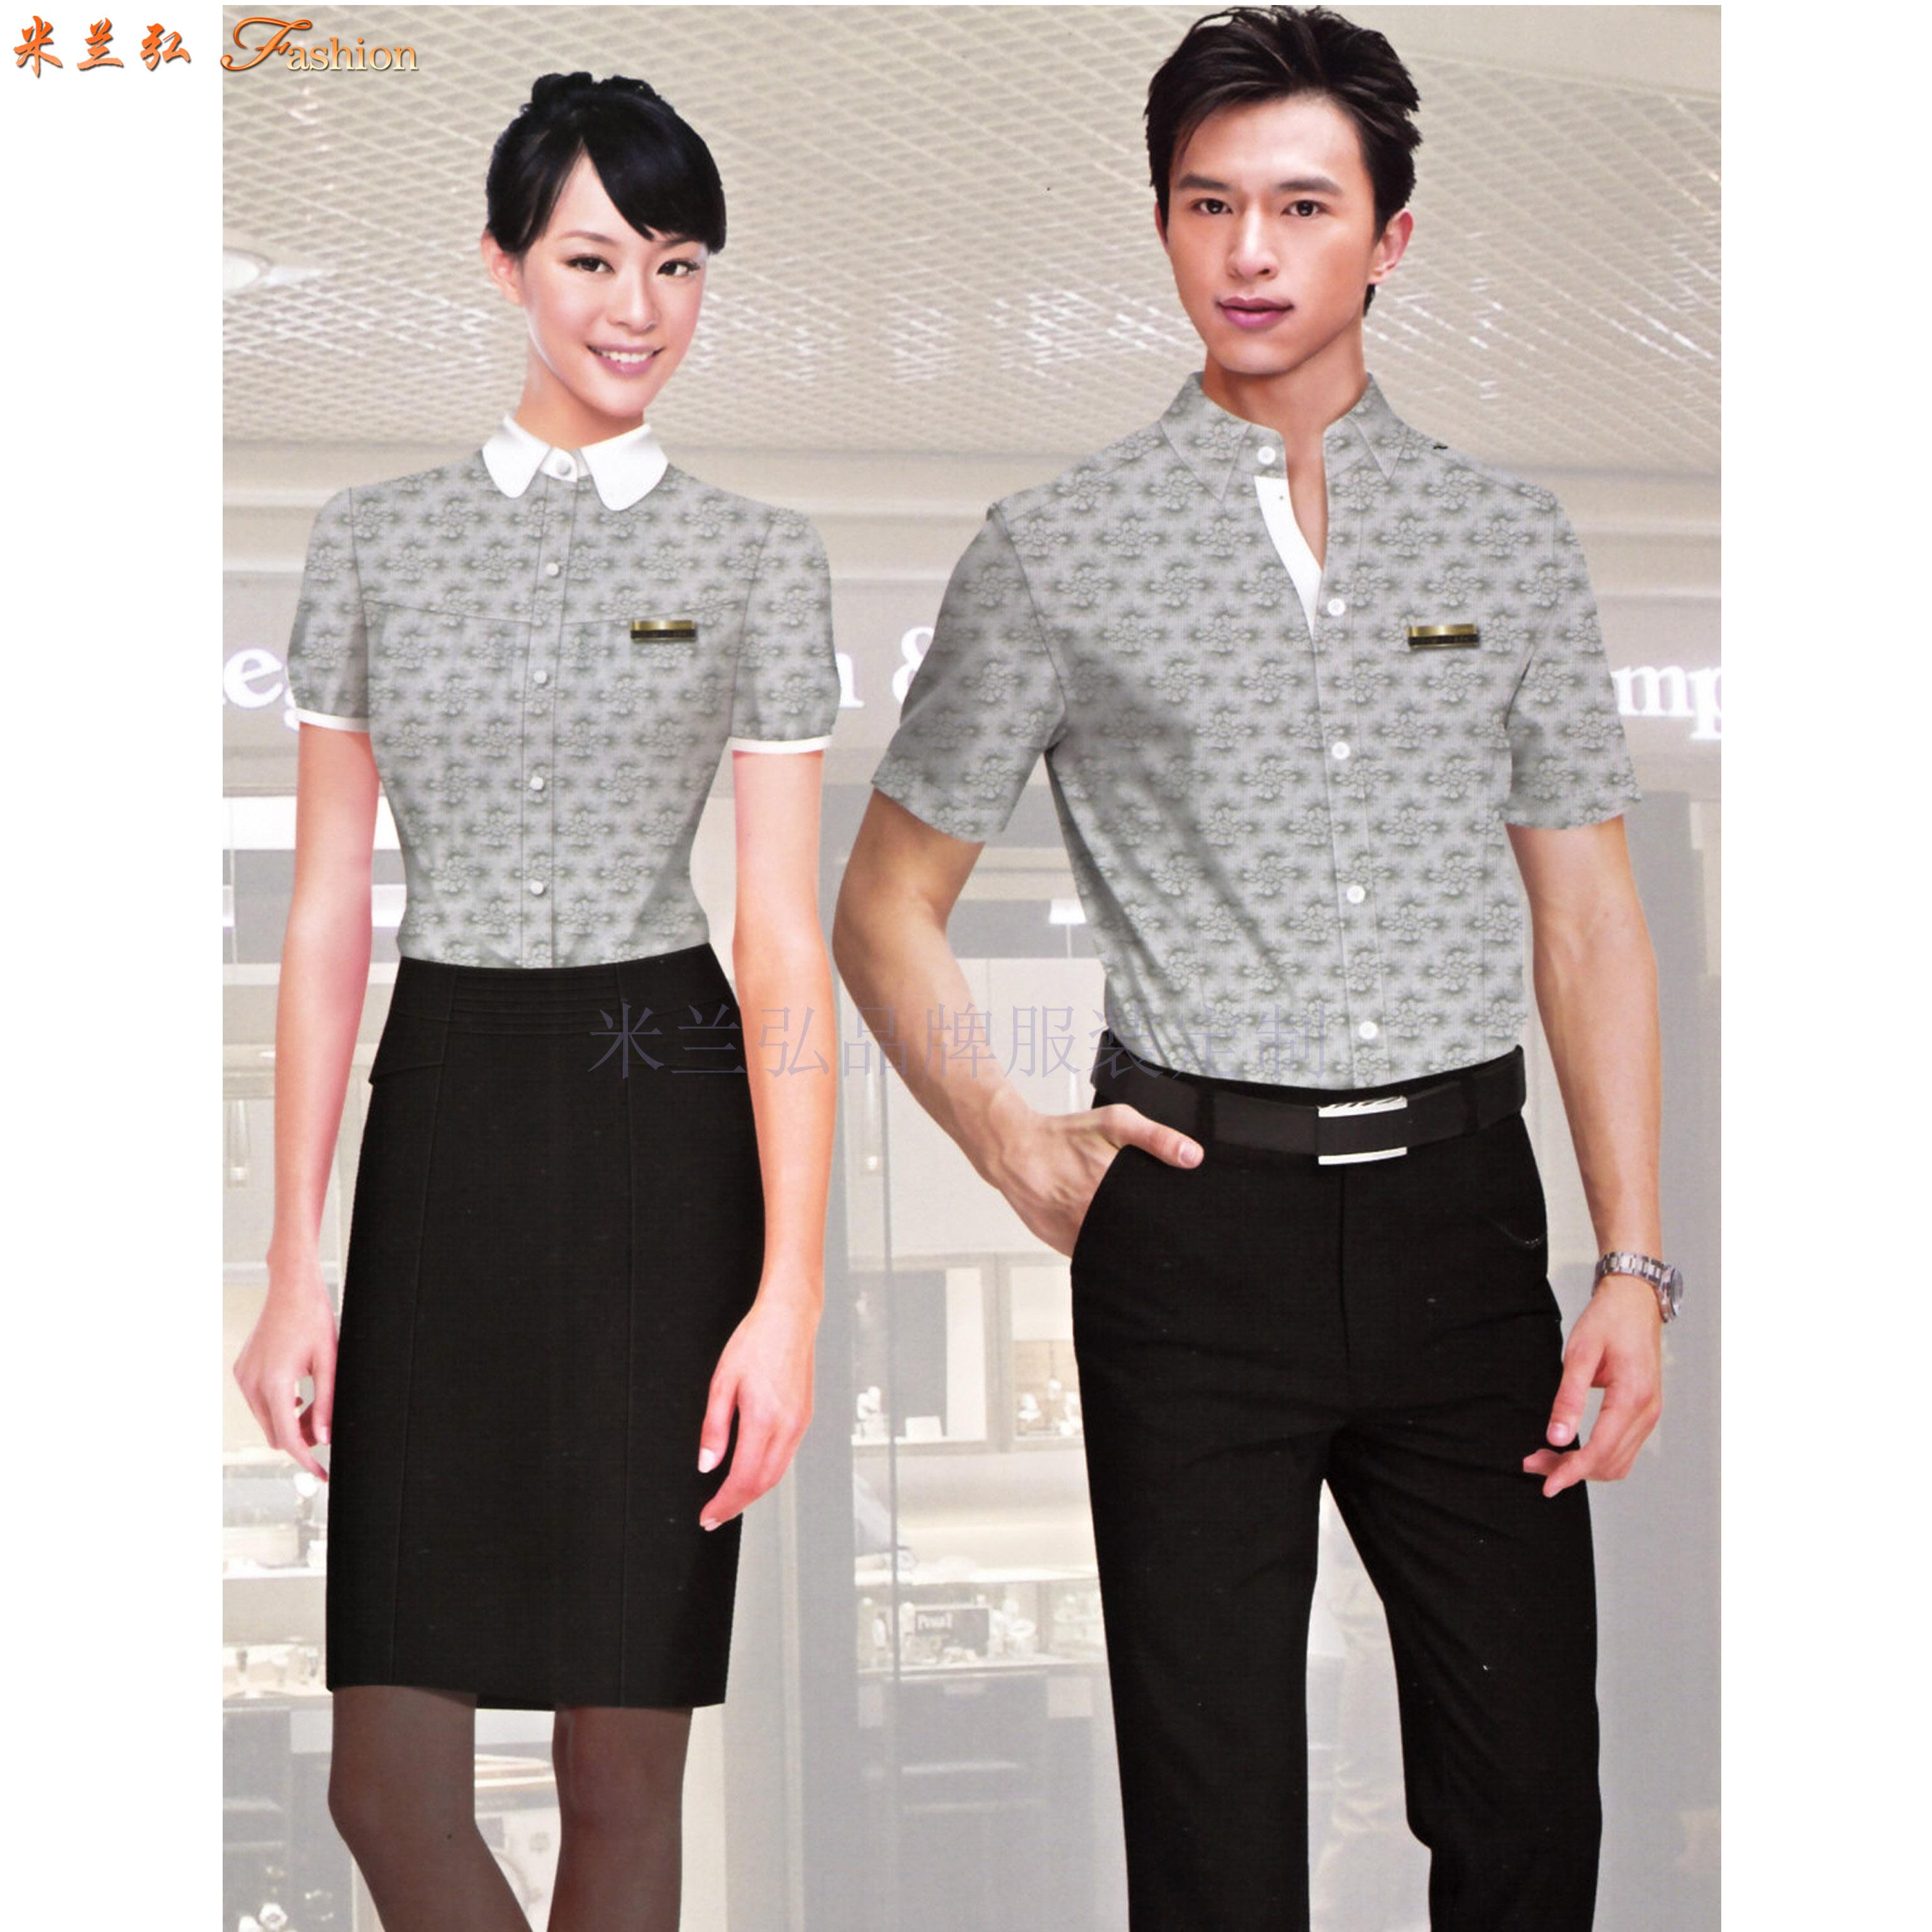 「短袖工作服」供应订制企业夏天凉爽短袖衬衫套装-米兰弘服装-5